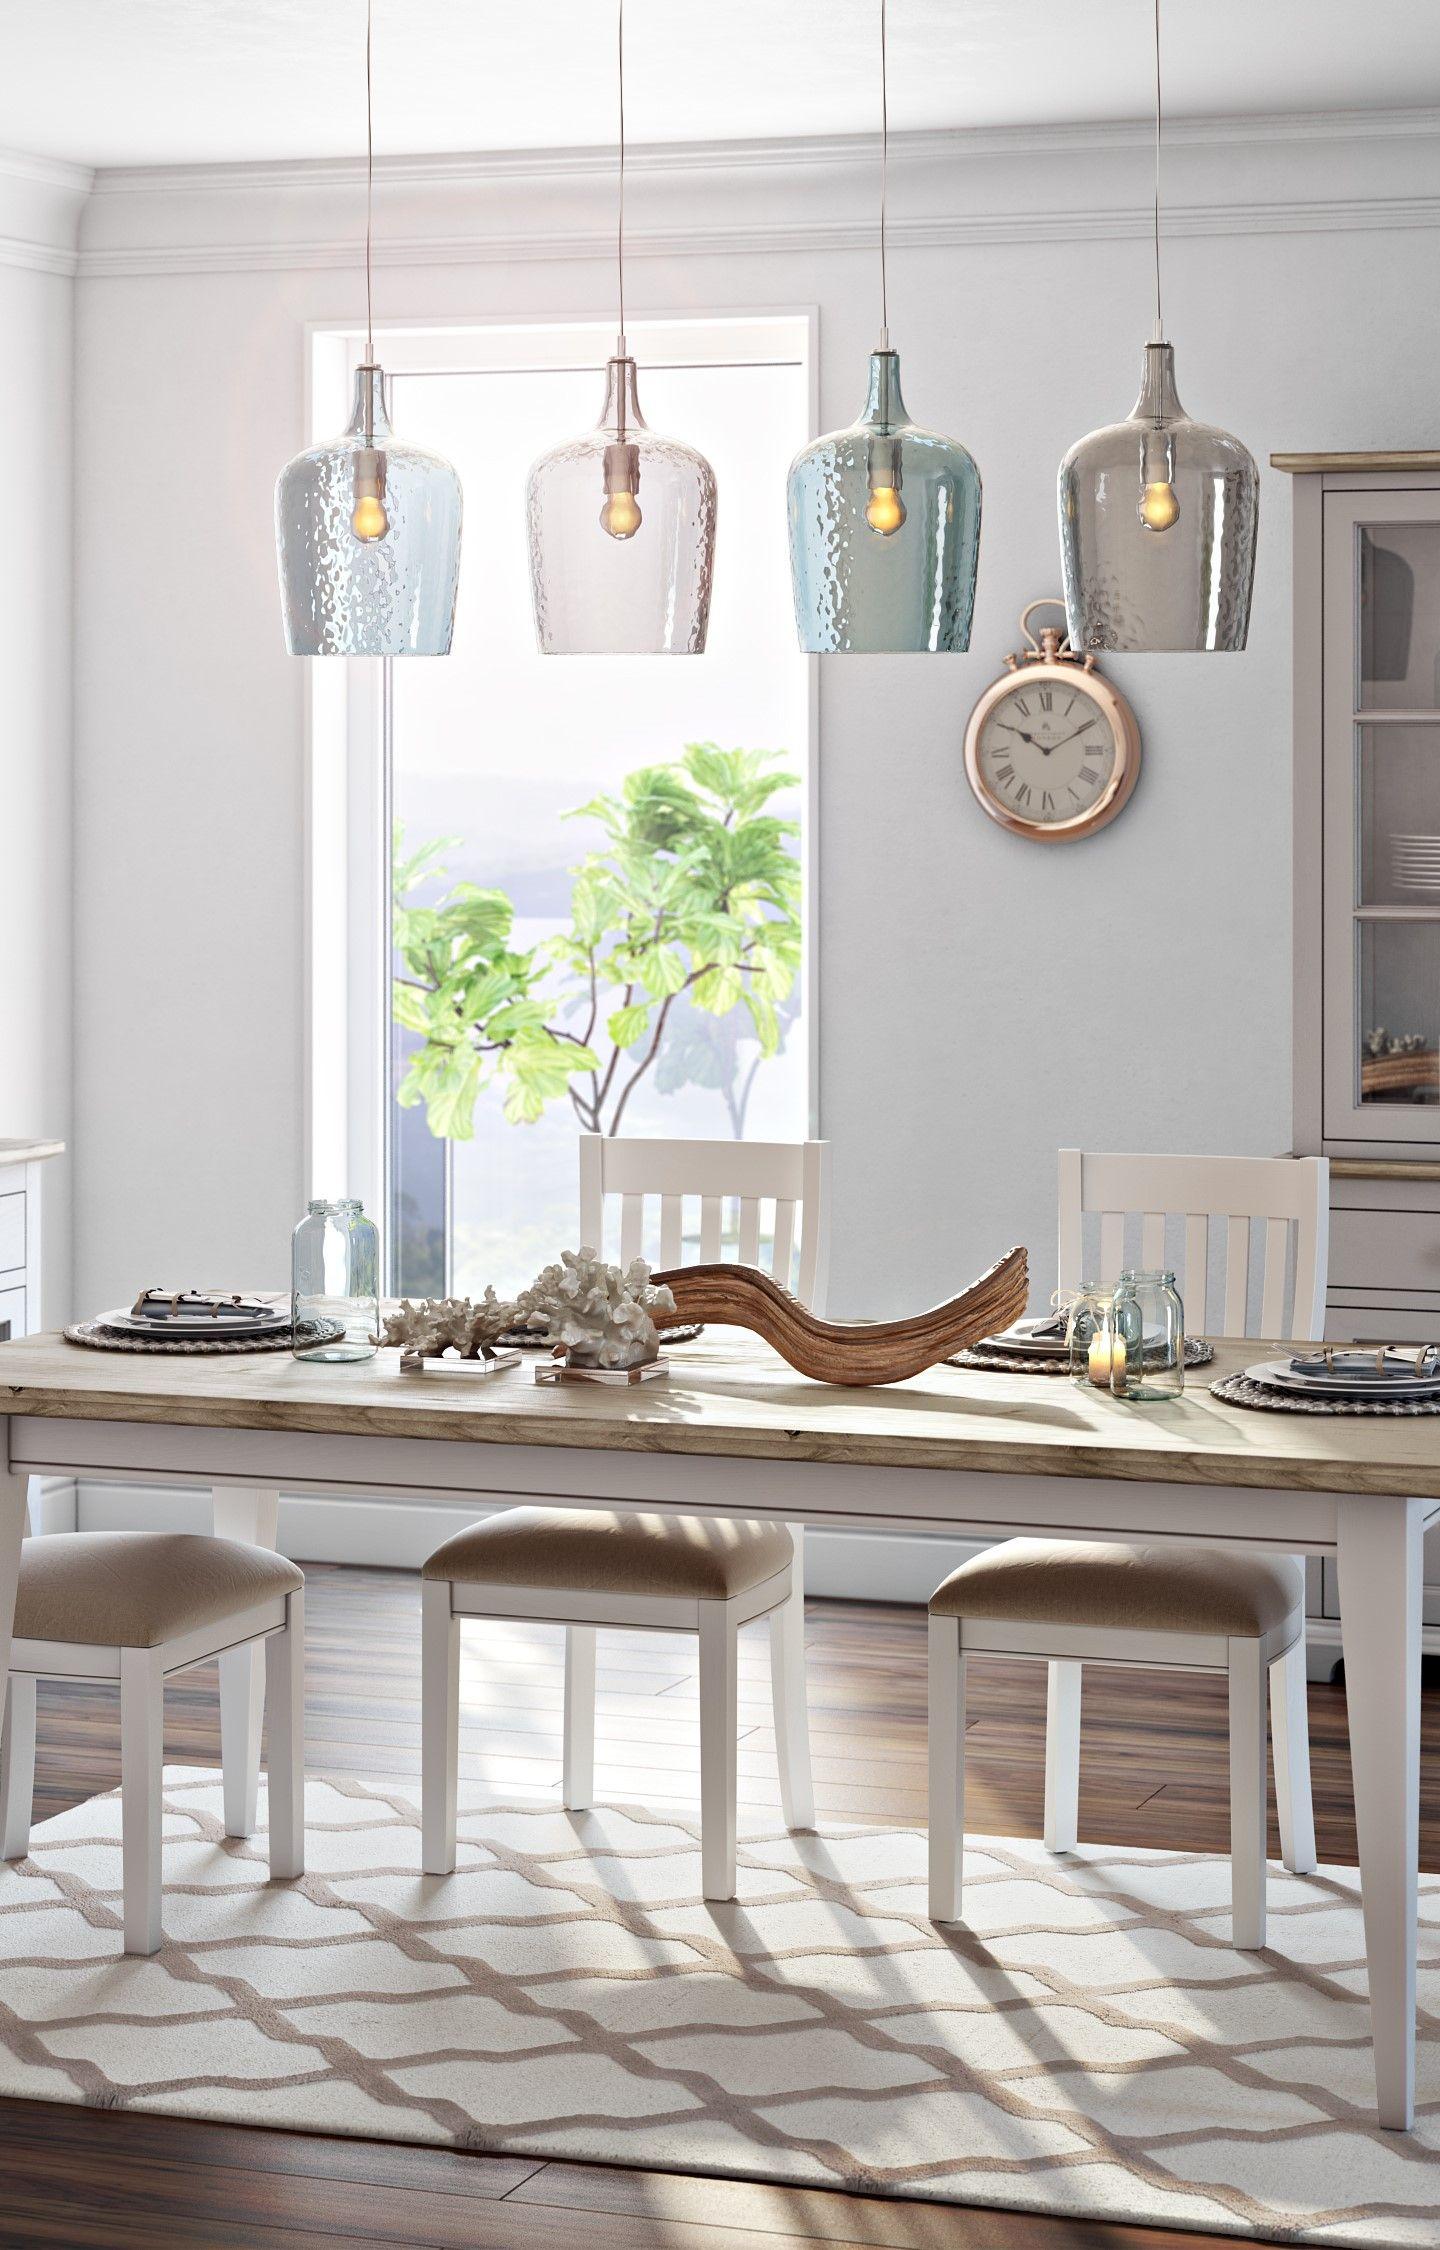 Elegant Verkehrte Pendelleuchte Aus Glas In Transparentem Blau Für Eine Stylische  Beleuchtung über Dem Esstisch